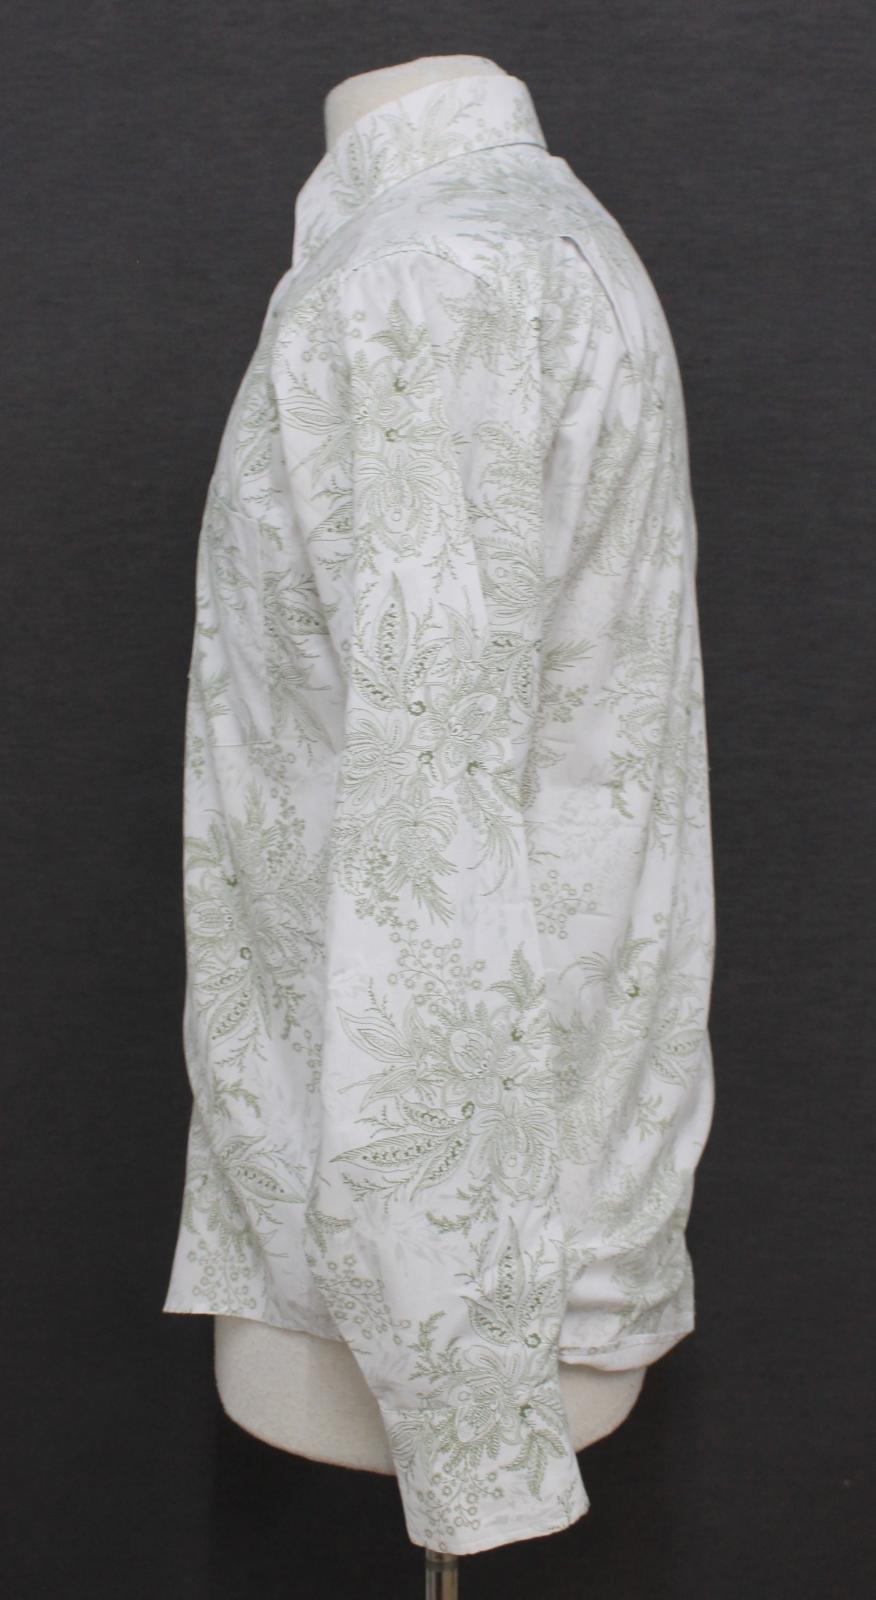 Paul-Smith-Para-Hombre-Blanco-Algodon-Con-Patron-Floral-Con-Cuello-Informal-Camisa-Talla-M miniatura 5